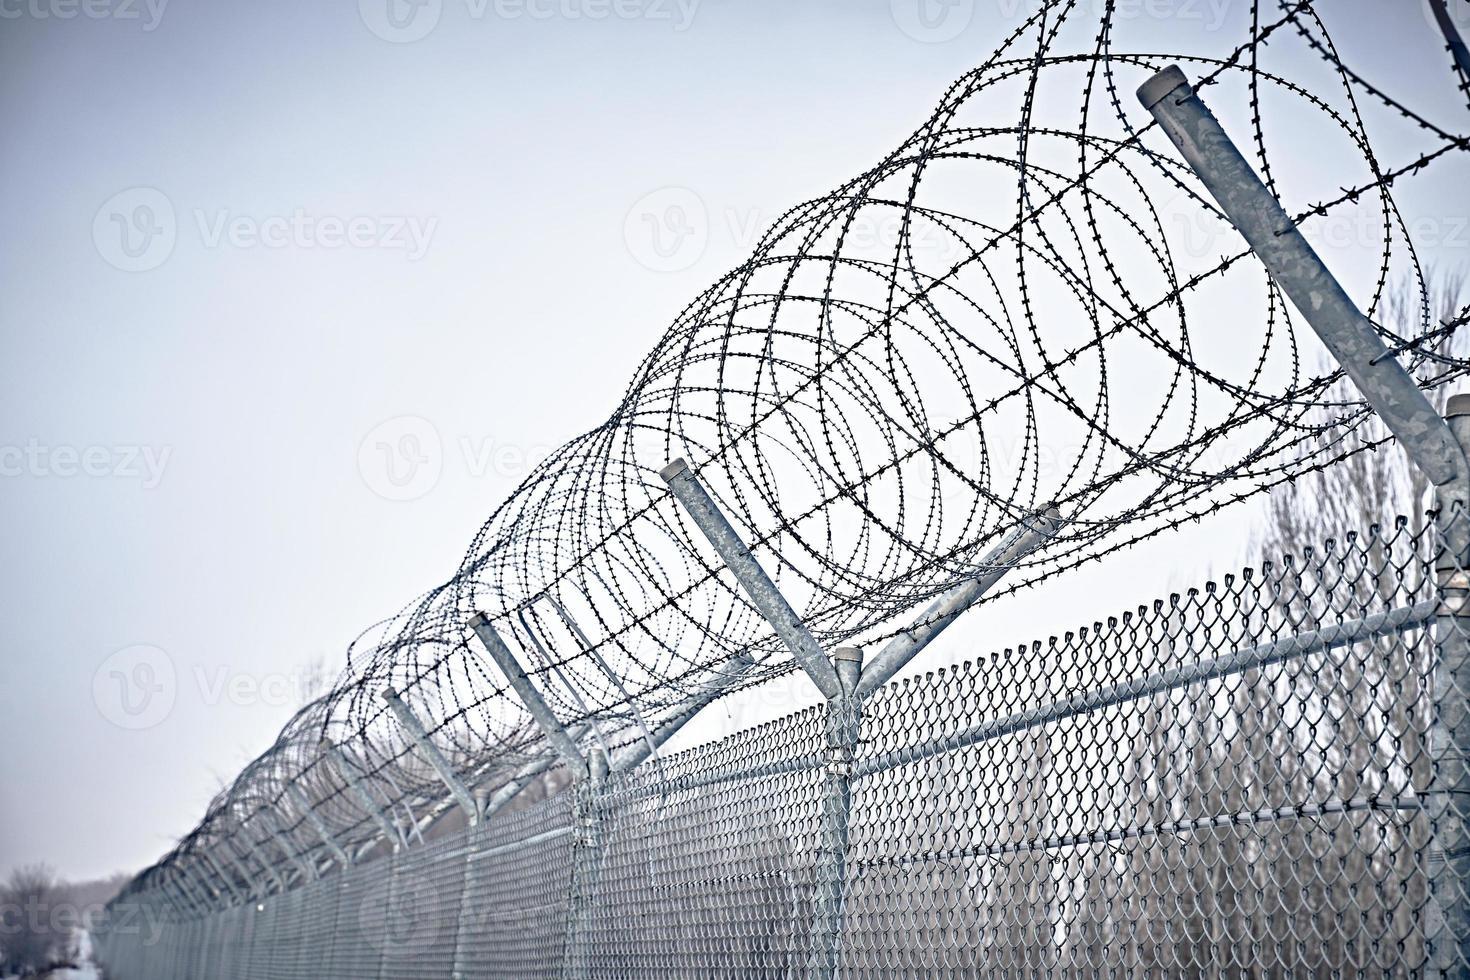 cerca da prisão. arame farpado. foto